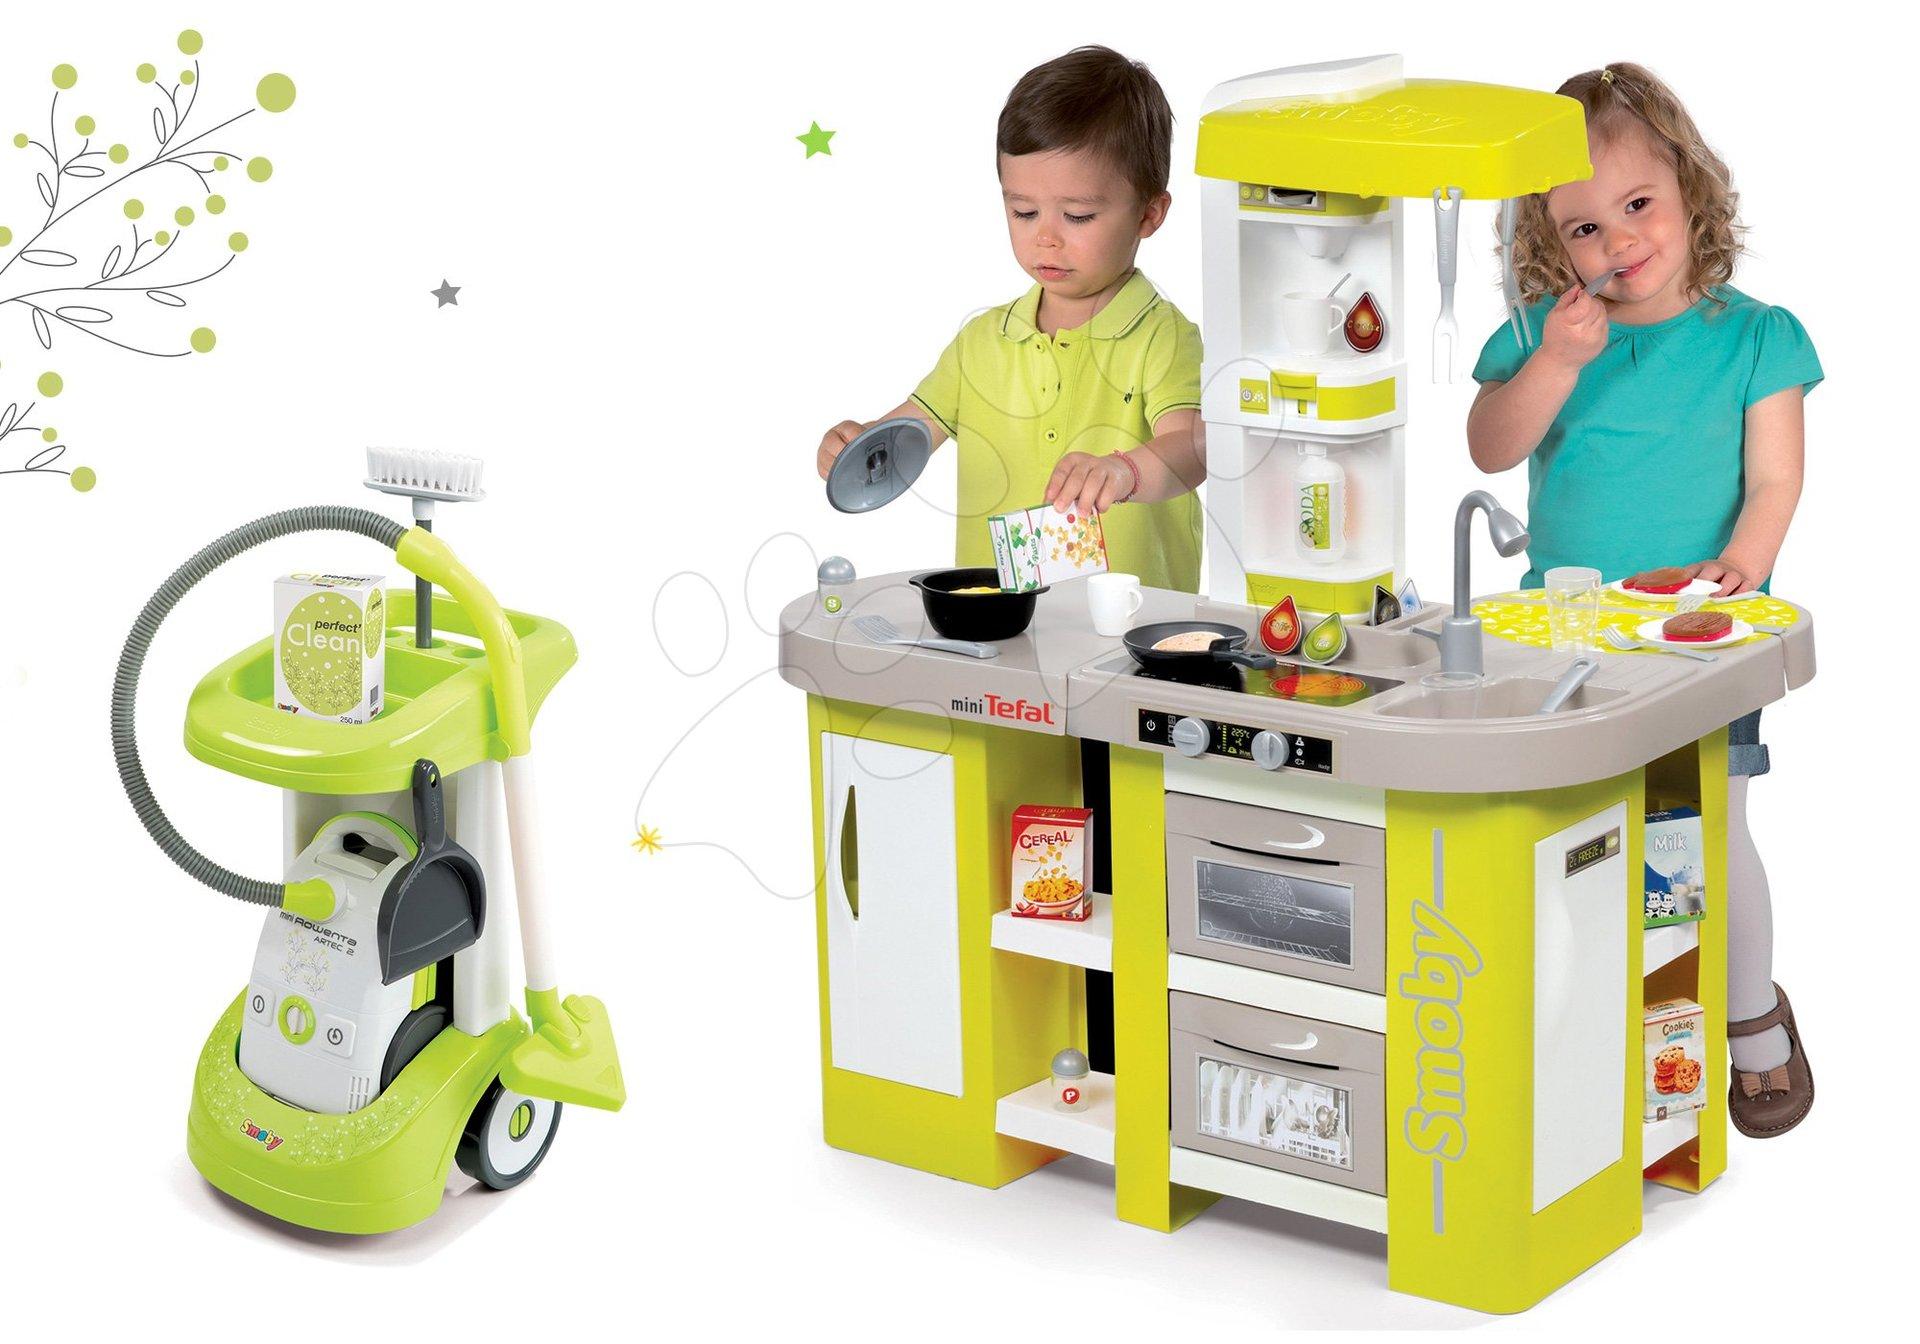 Set úklidový vozík Smoby a elektronický vysavač Rowenta, kuchyňka Tefal se zvuky